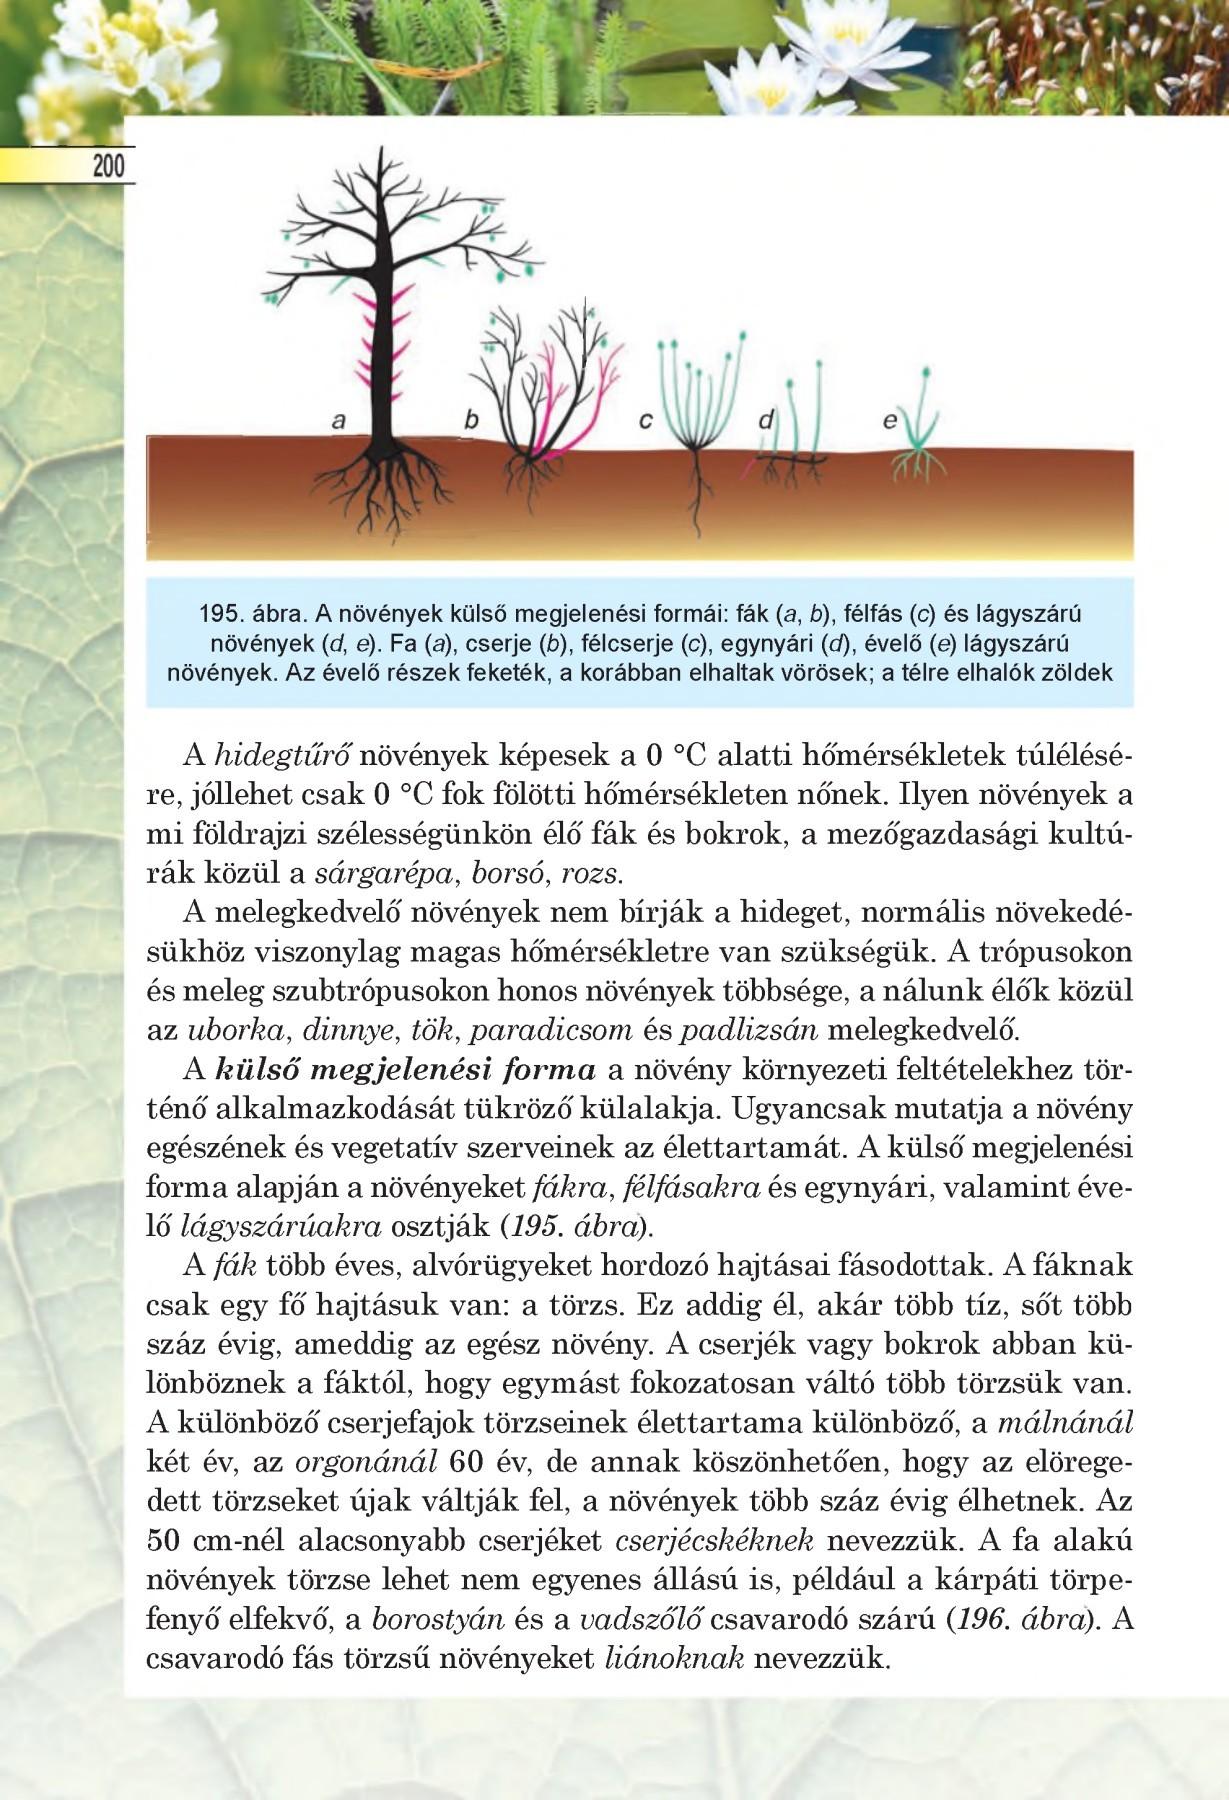 mi a mezei parazita károsodása